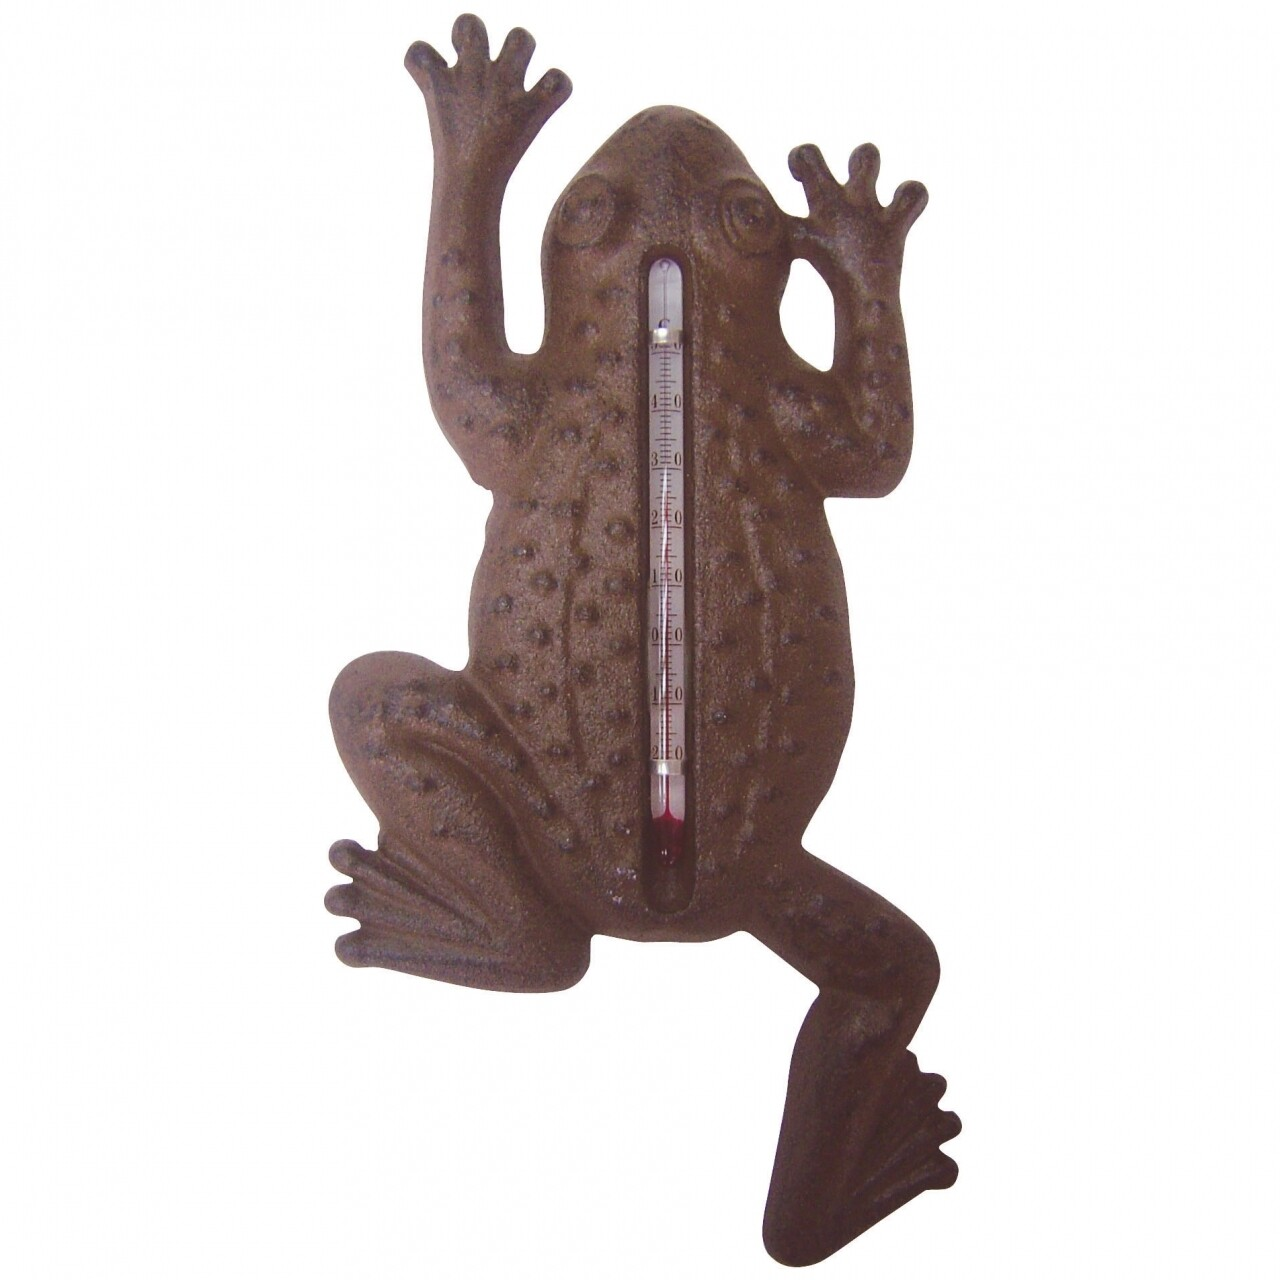 Termometru Frog, Esschert Design, 23.5 x 12 x 1.6 cm, fonta, maro